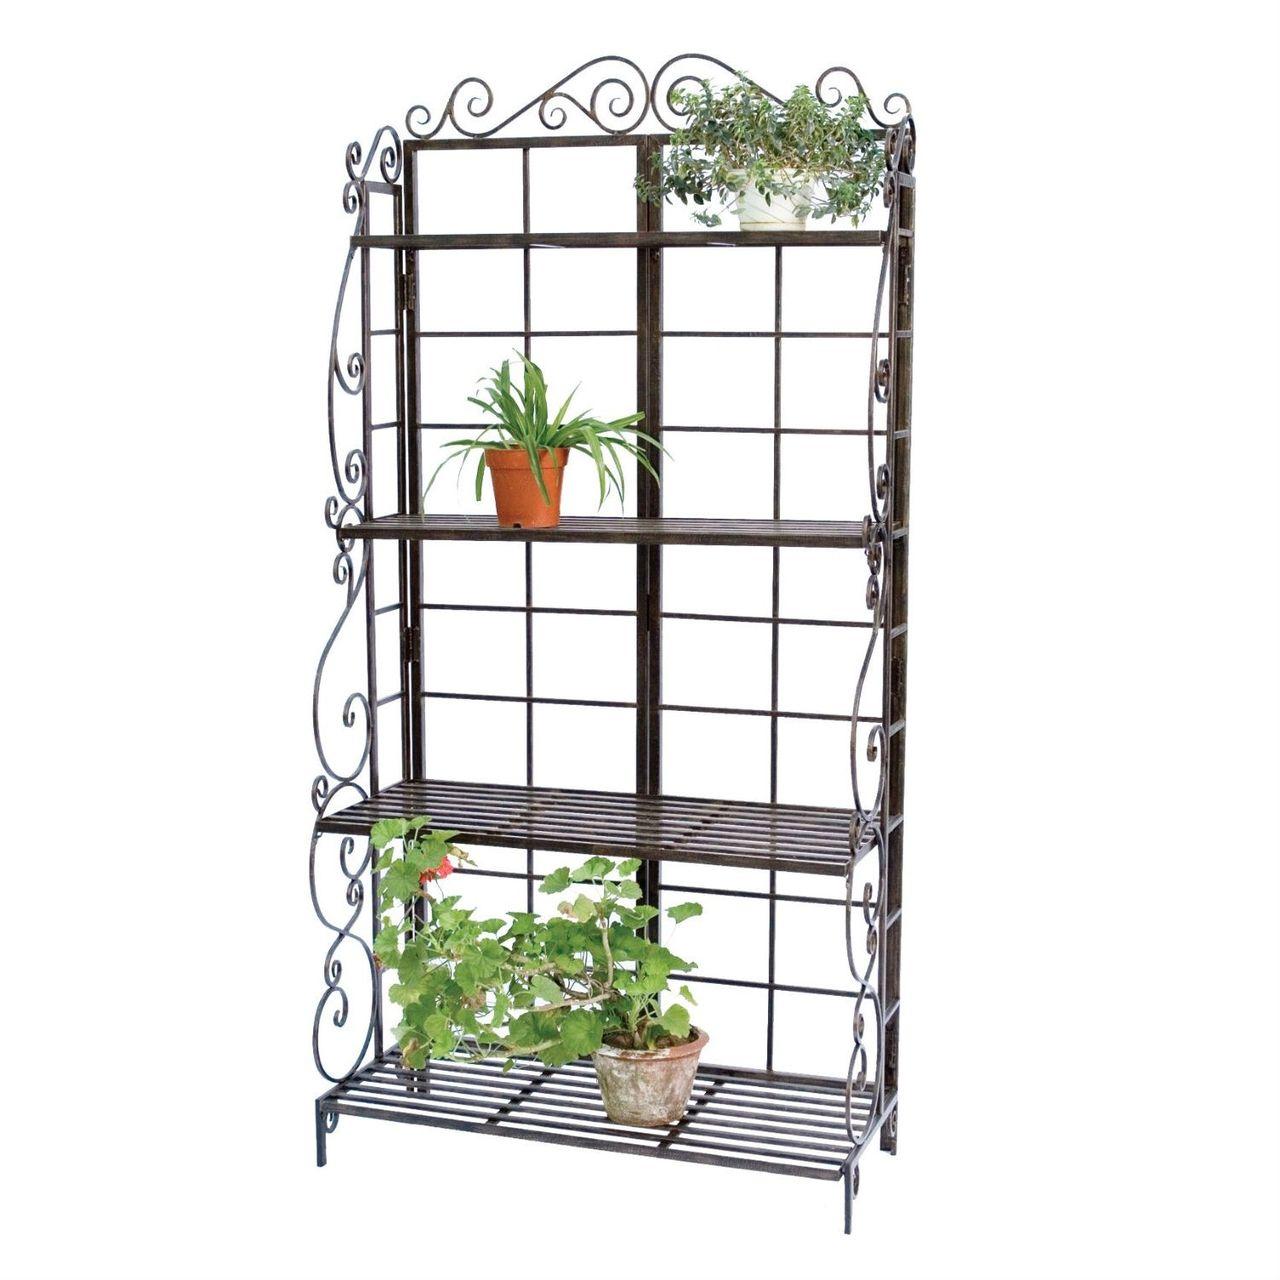 Black Metal Indoor Outdoor Planter Stand With 4 Shelves Indoor